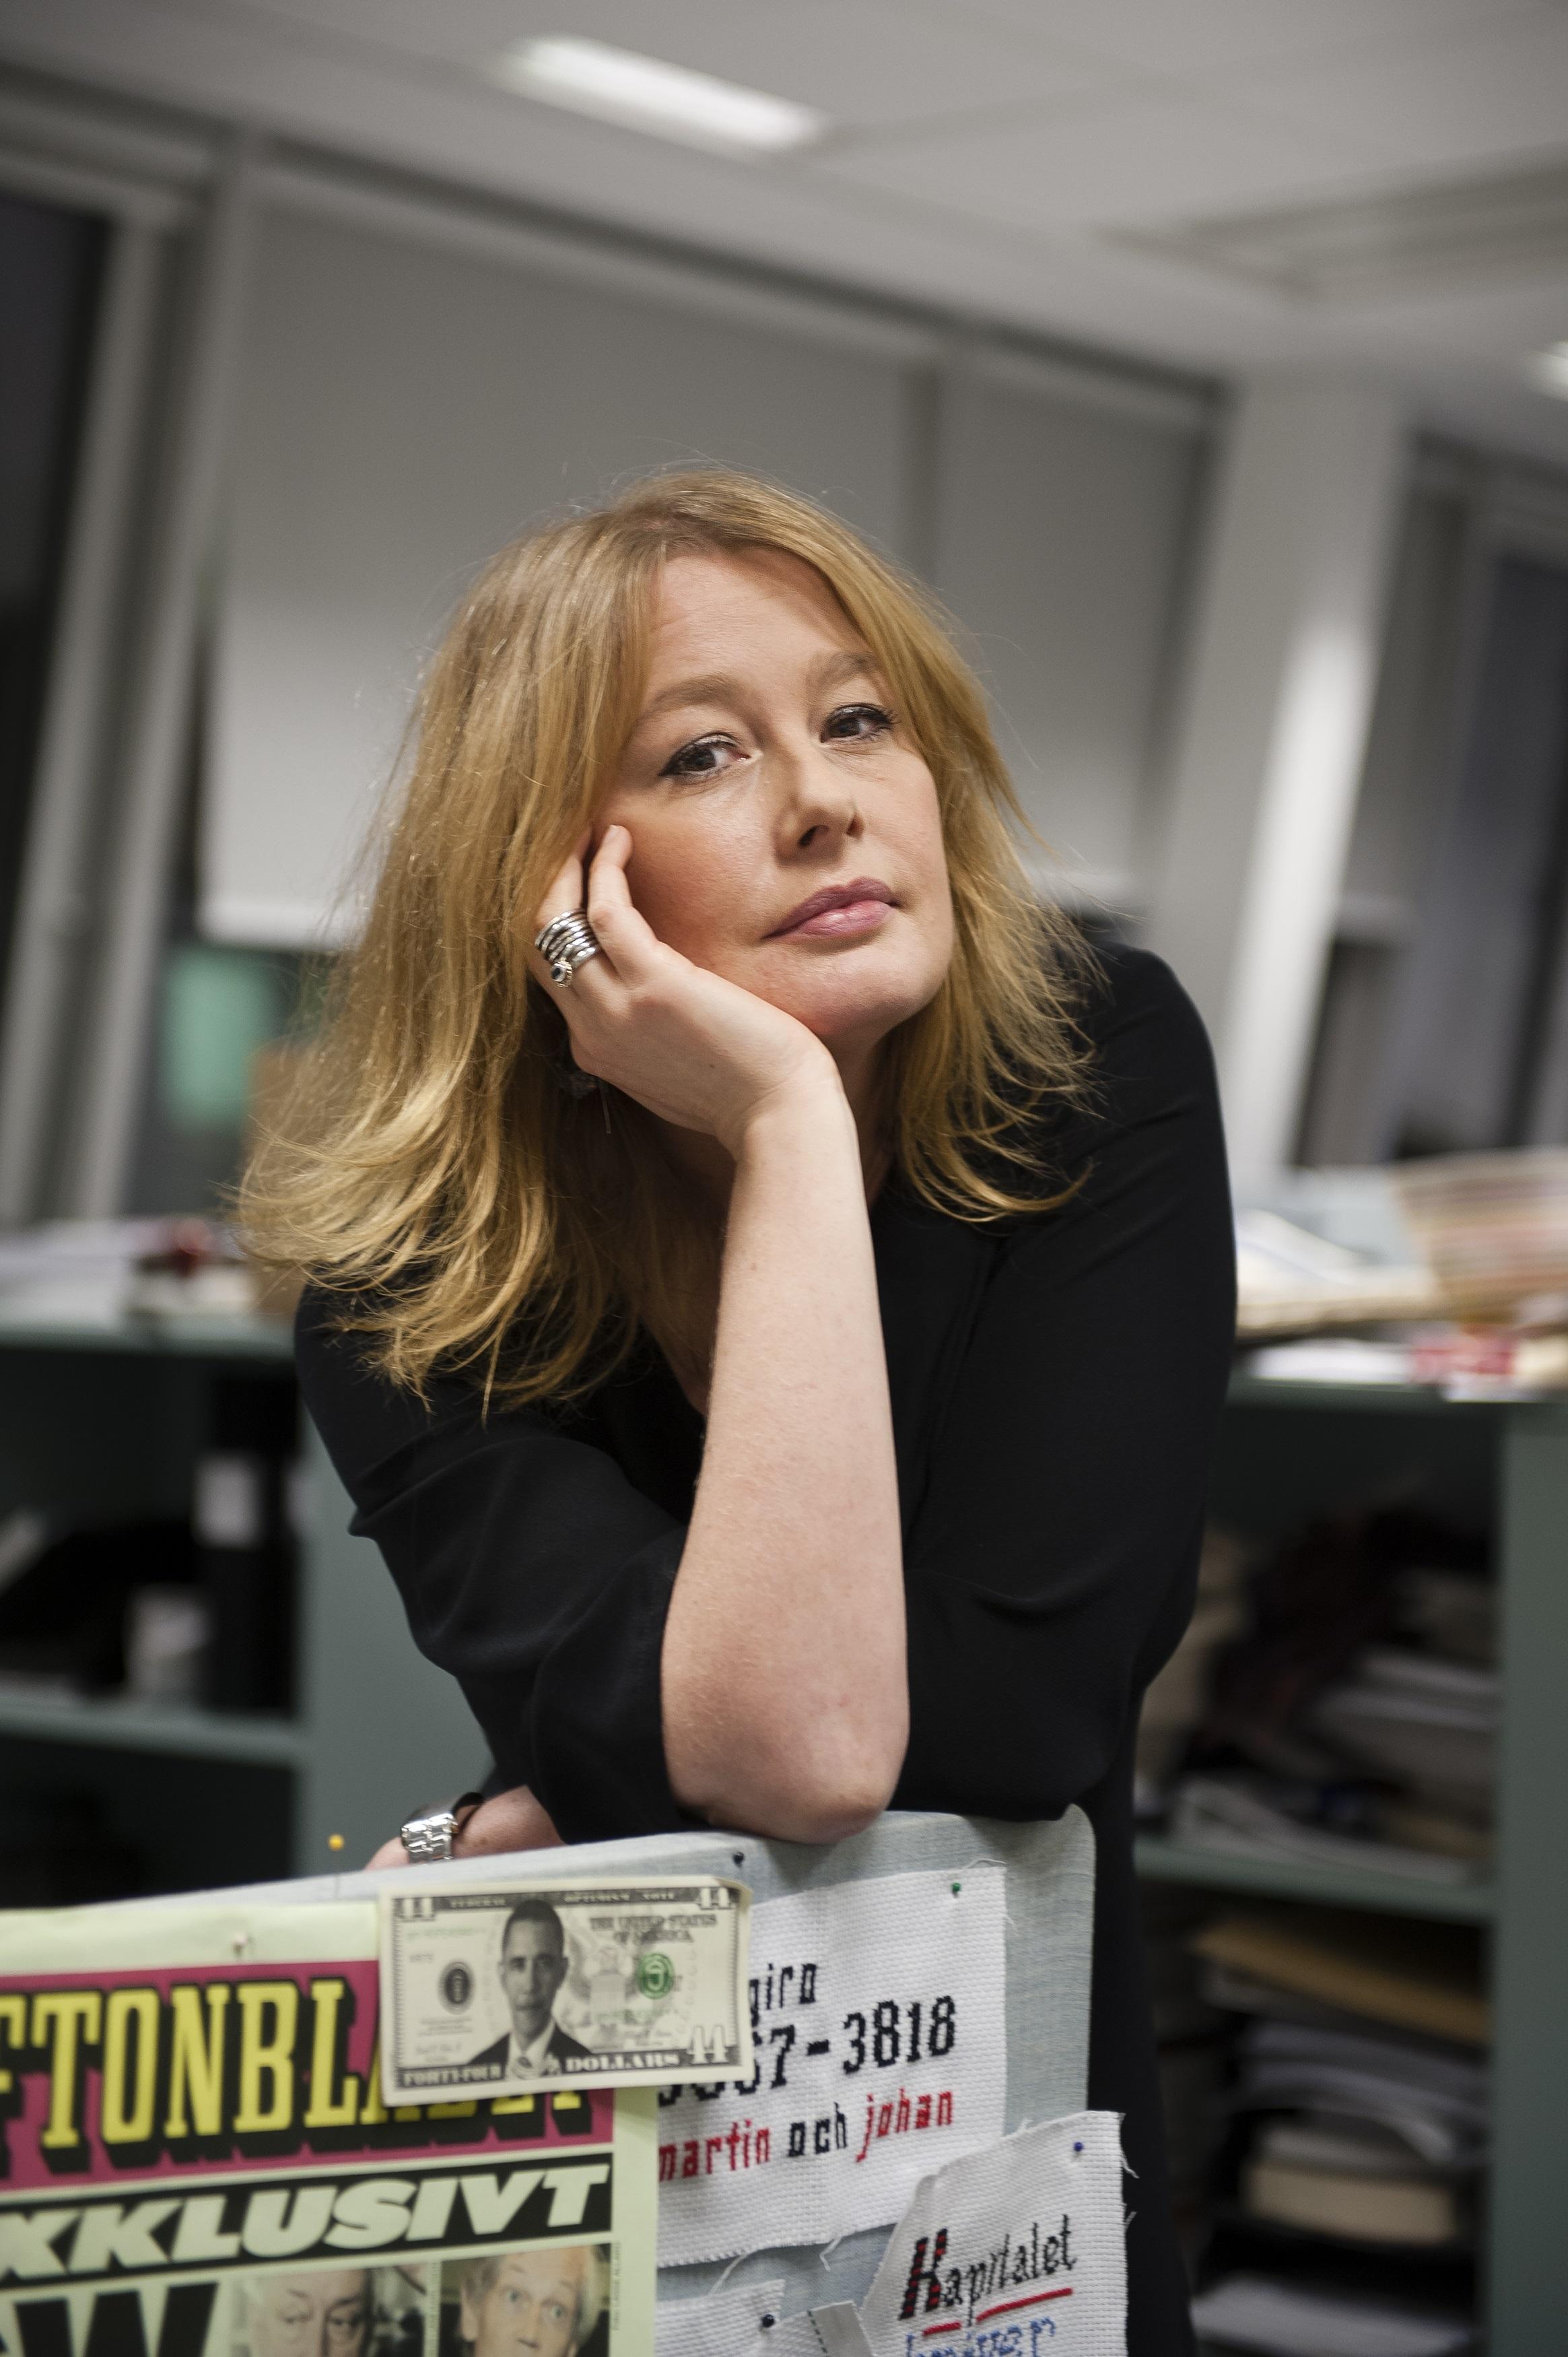 Åsa Linderborg, kulturredaktør i den svenske avisa Aftonbladet.Foto: Felipe Morales